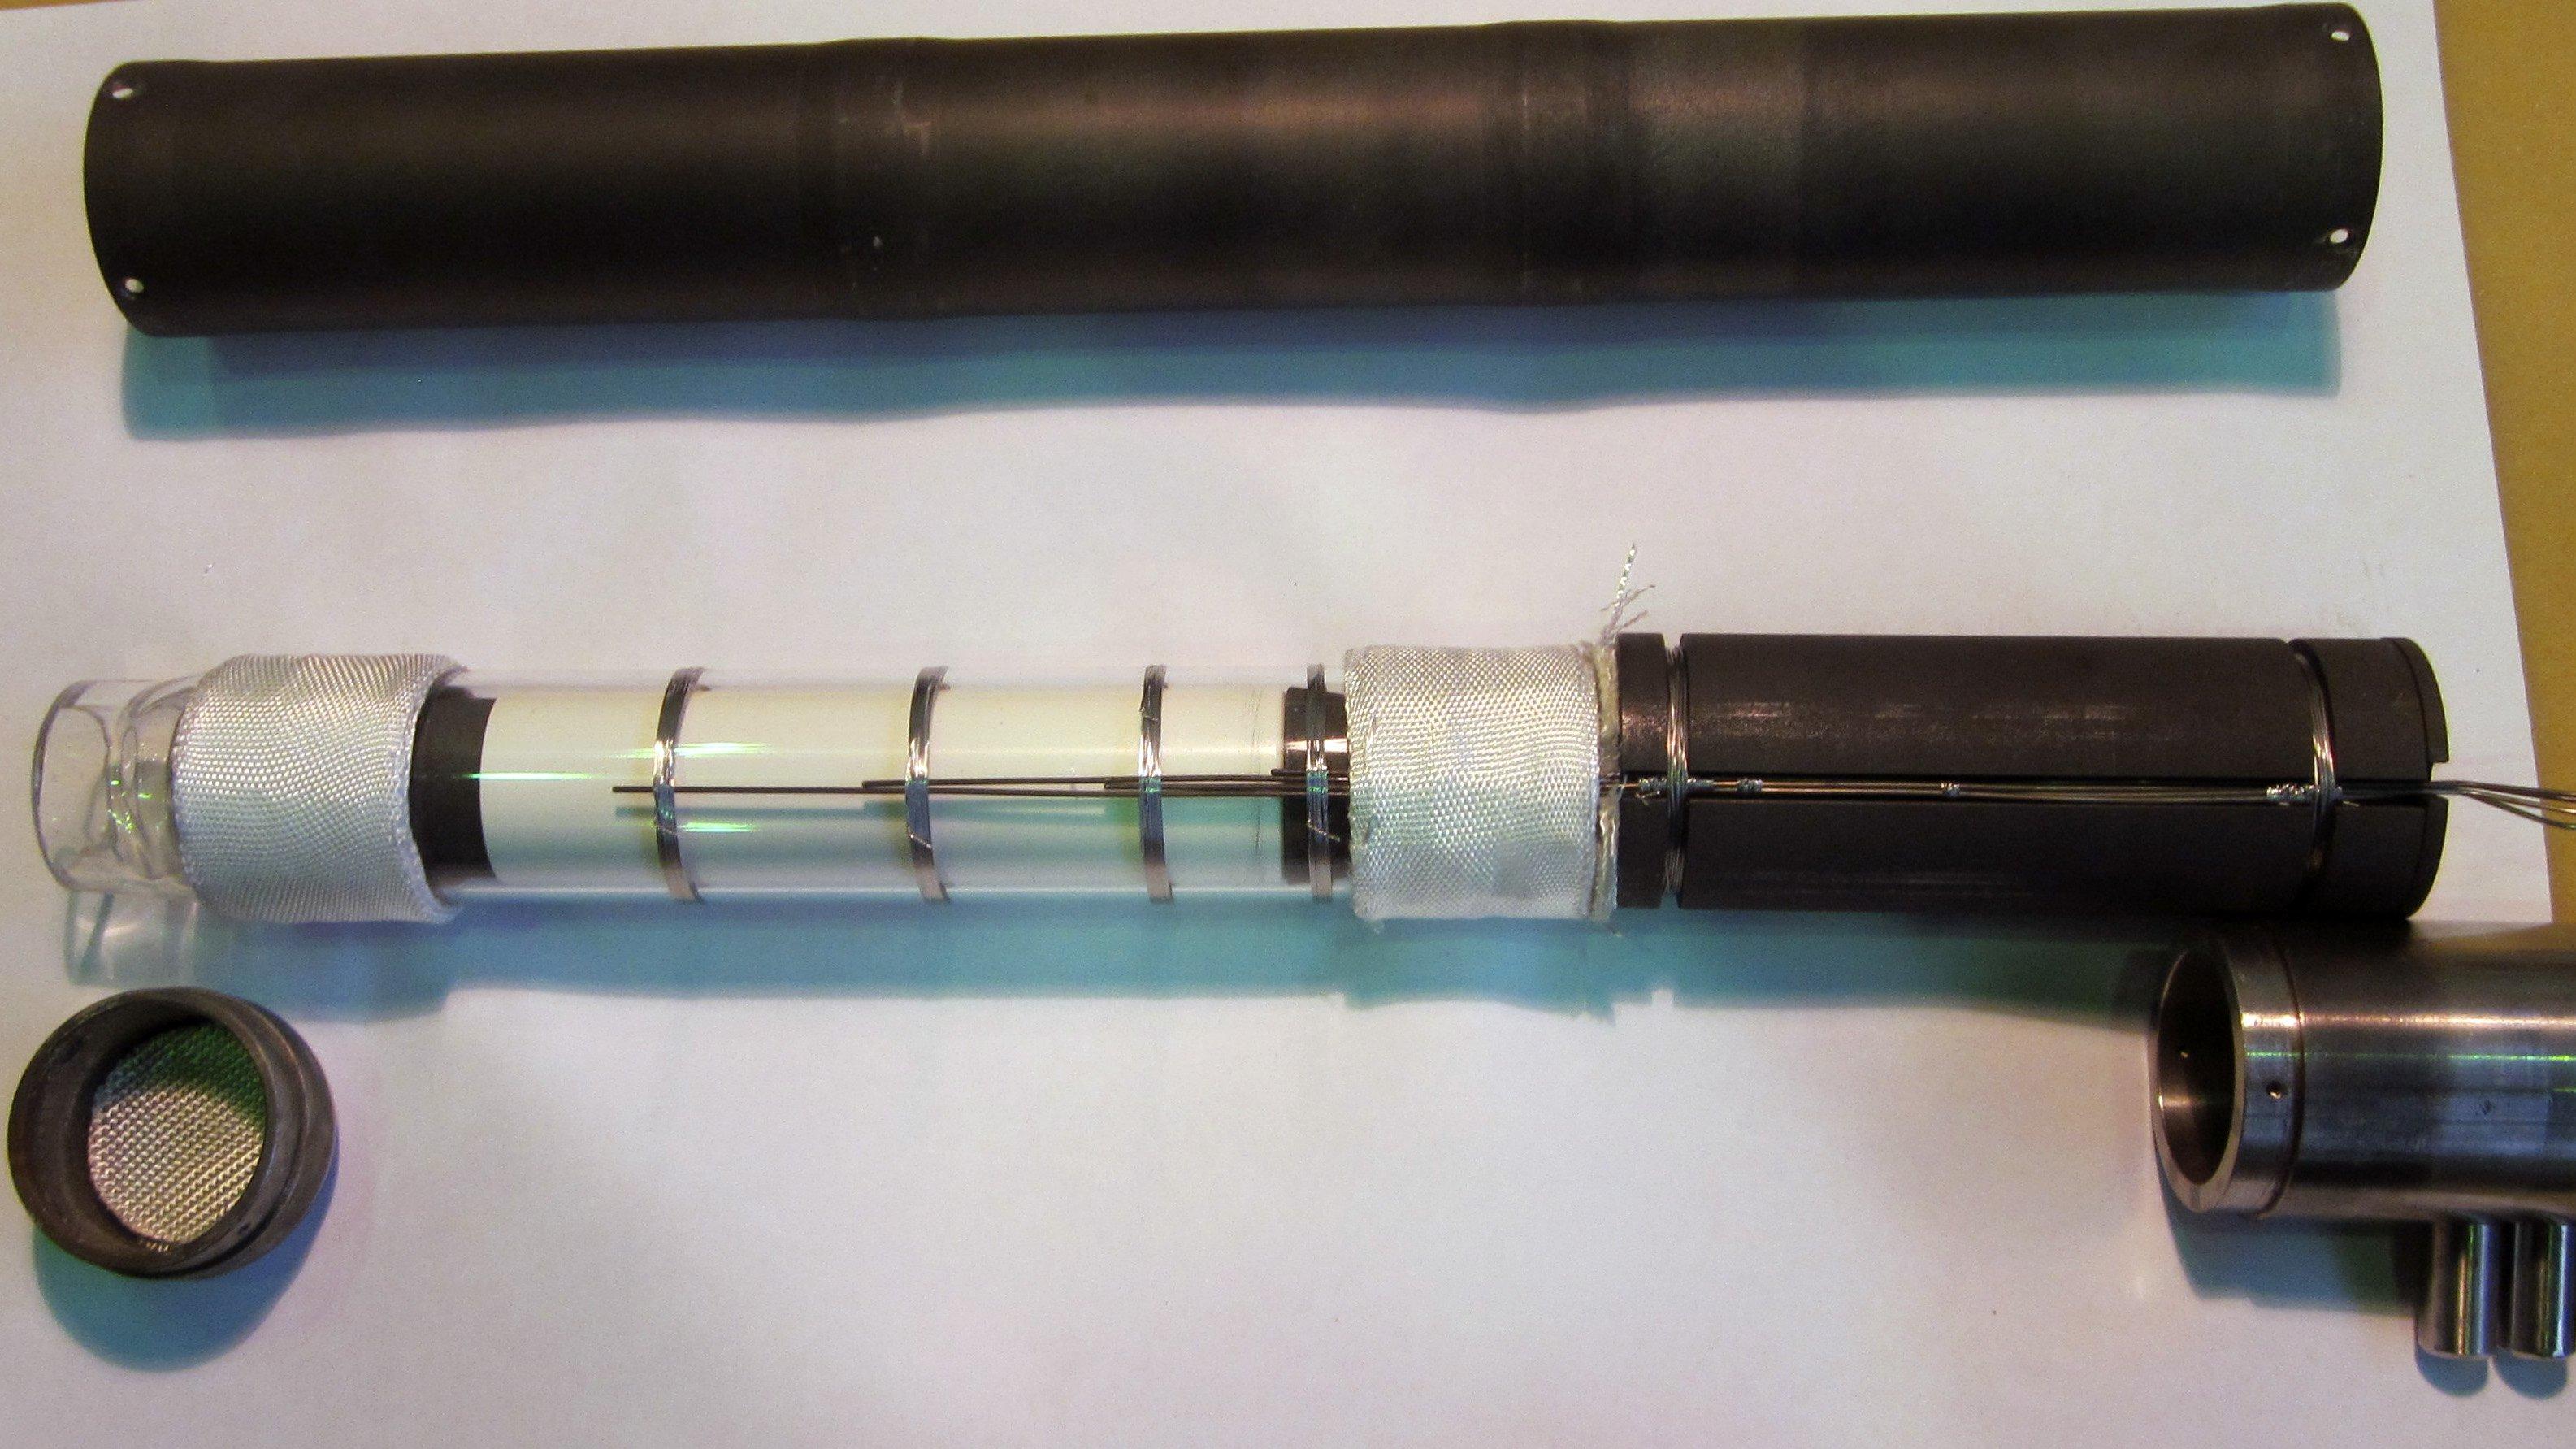 Probenampulle mit Germanium-Silizium: Im Satelliten Foton M4 werden derzeit perfekte Halbleiterkristalle gezüchtet.